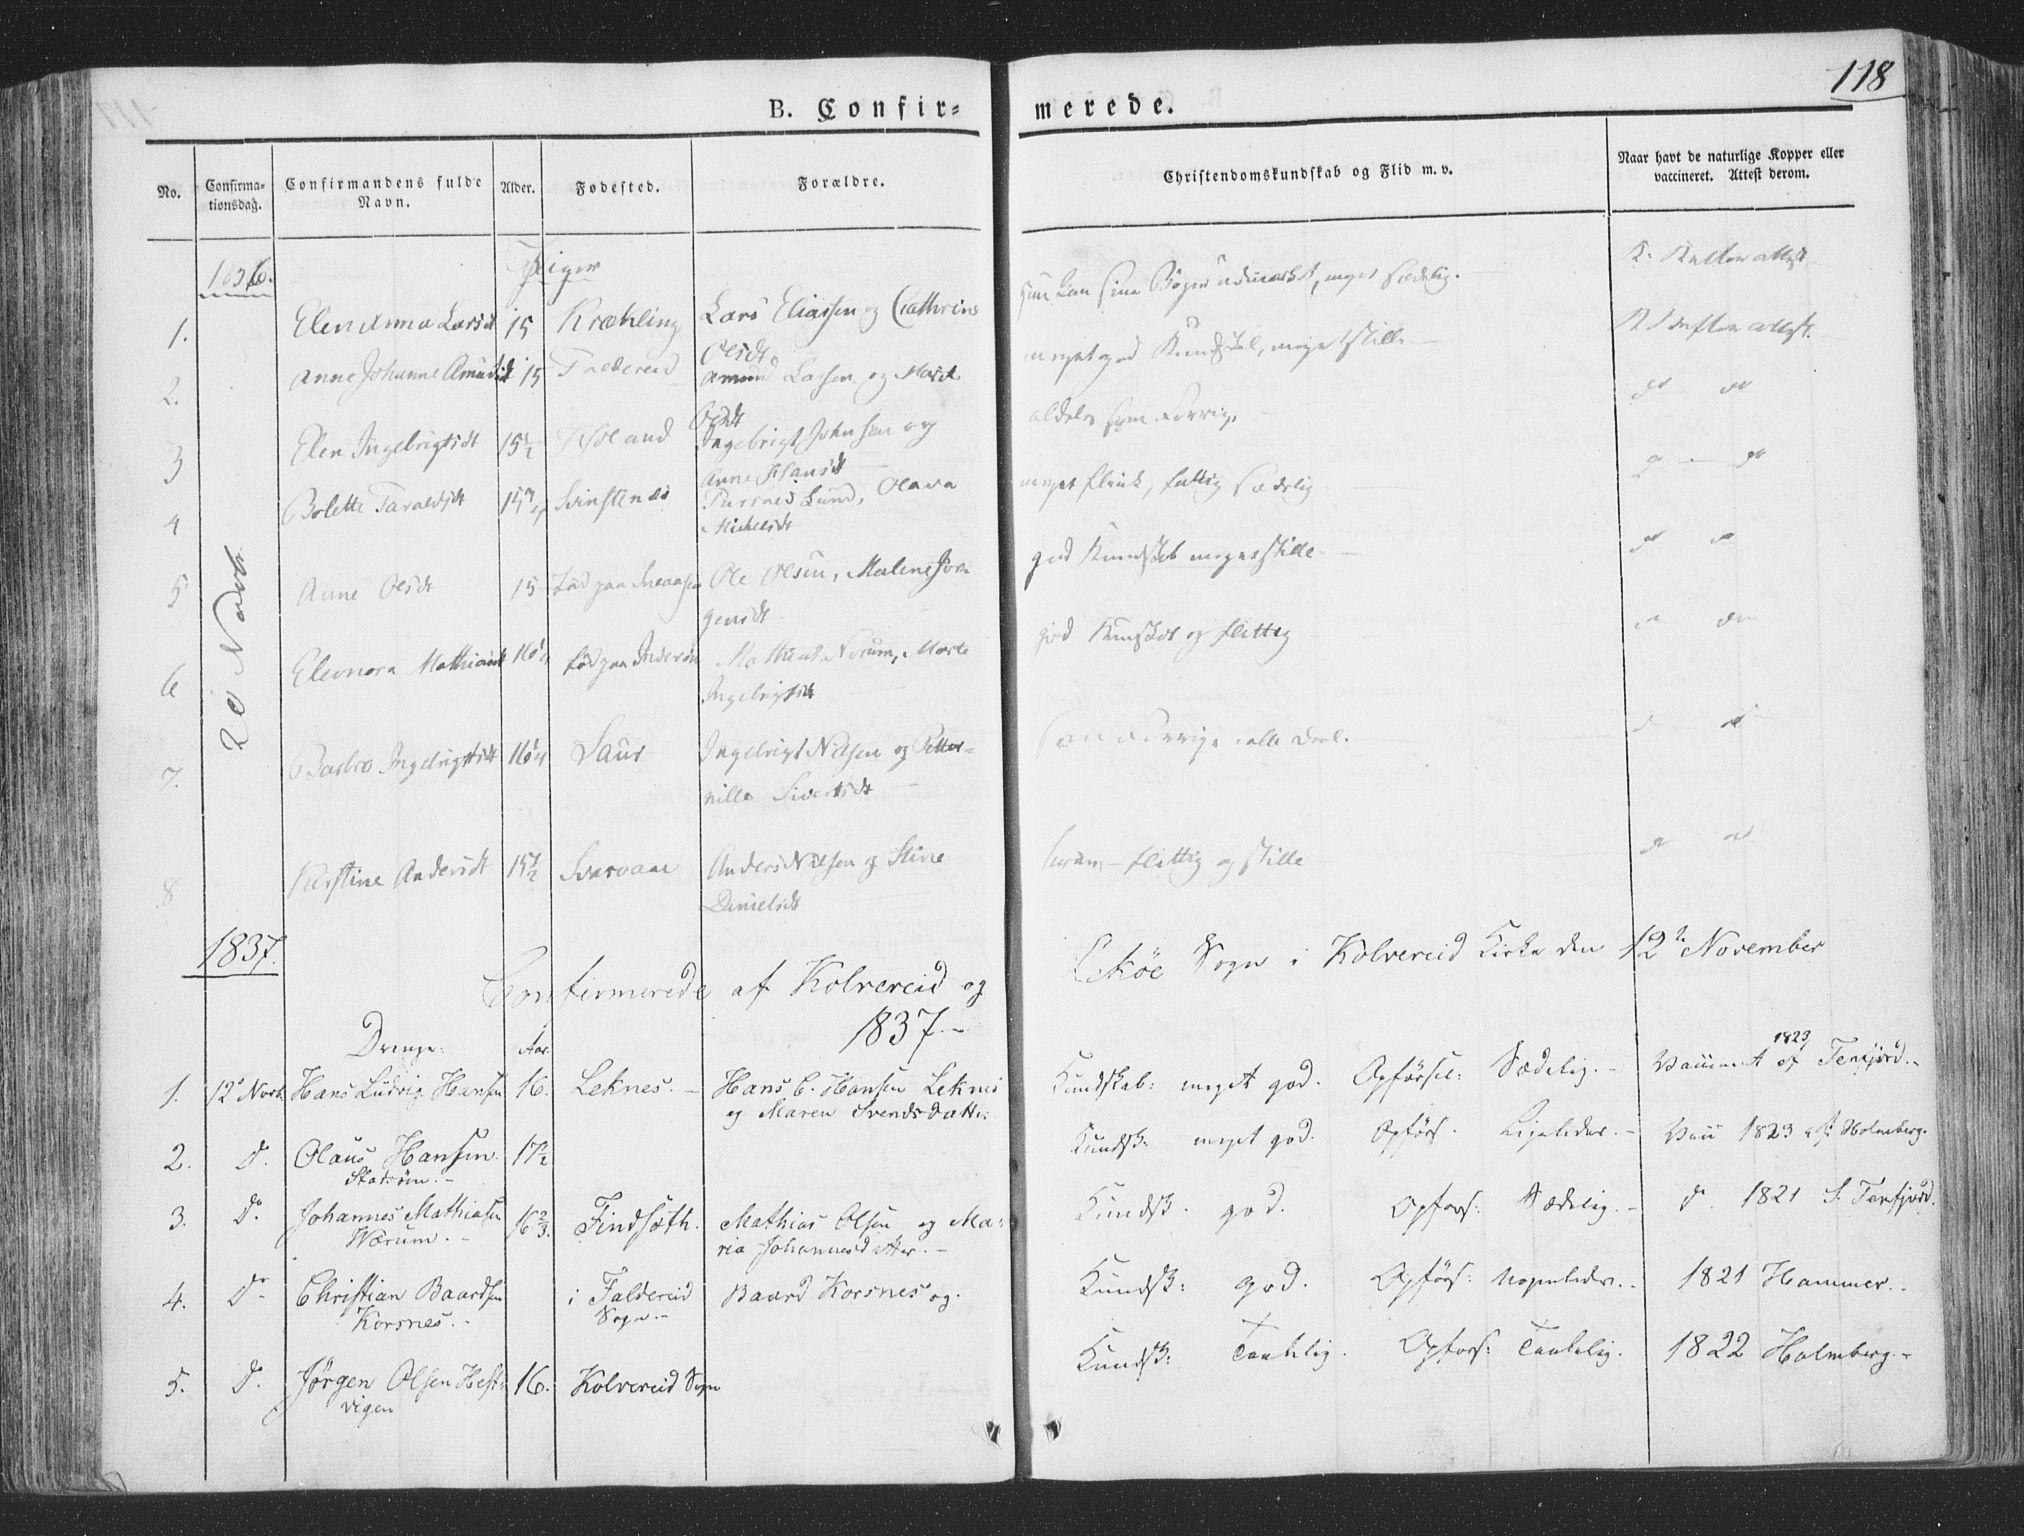 SAT, Ministerialprotokoller, klokkerbøker og fødselsregistre - Nord-Trøndelag, 780/L0639: Ministerialbok nr. 780A04, 1830-1844, s. 118